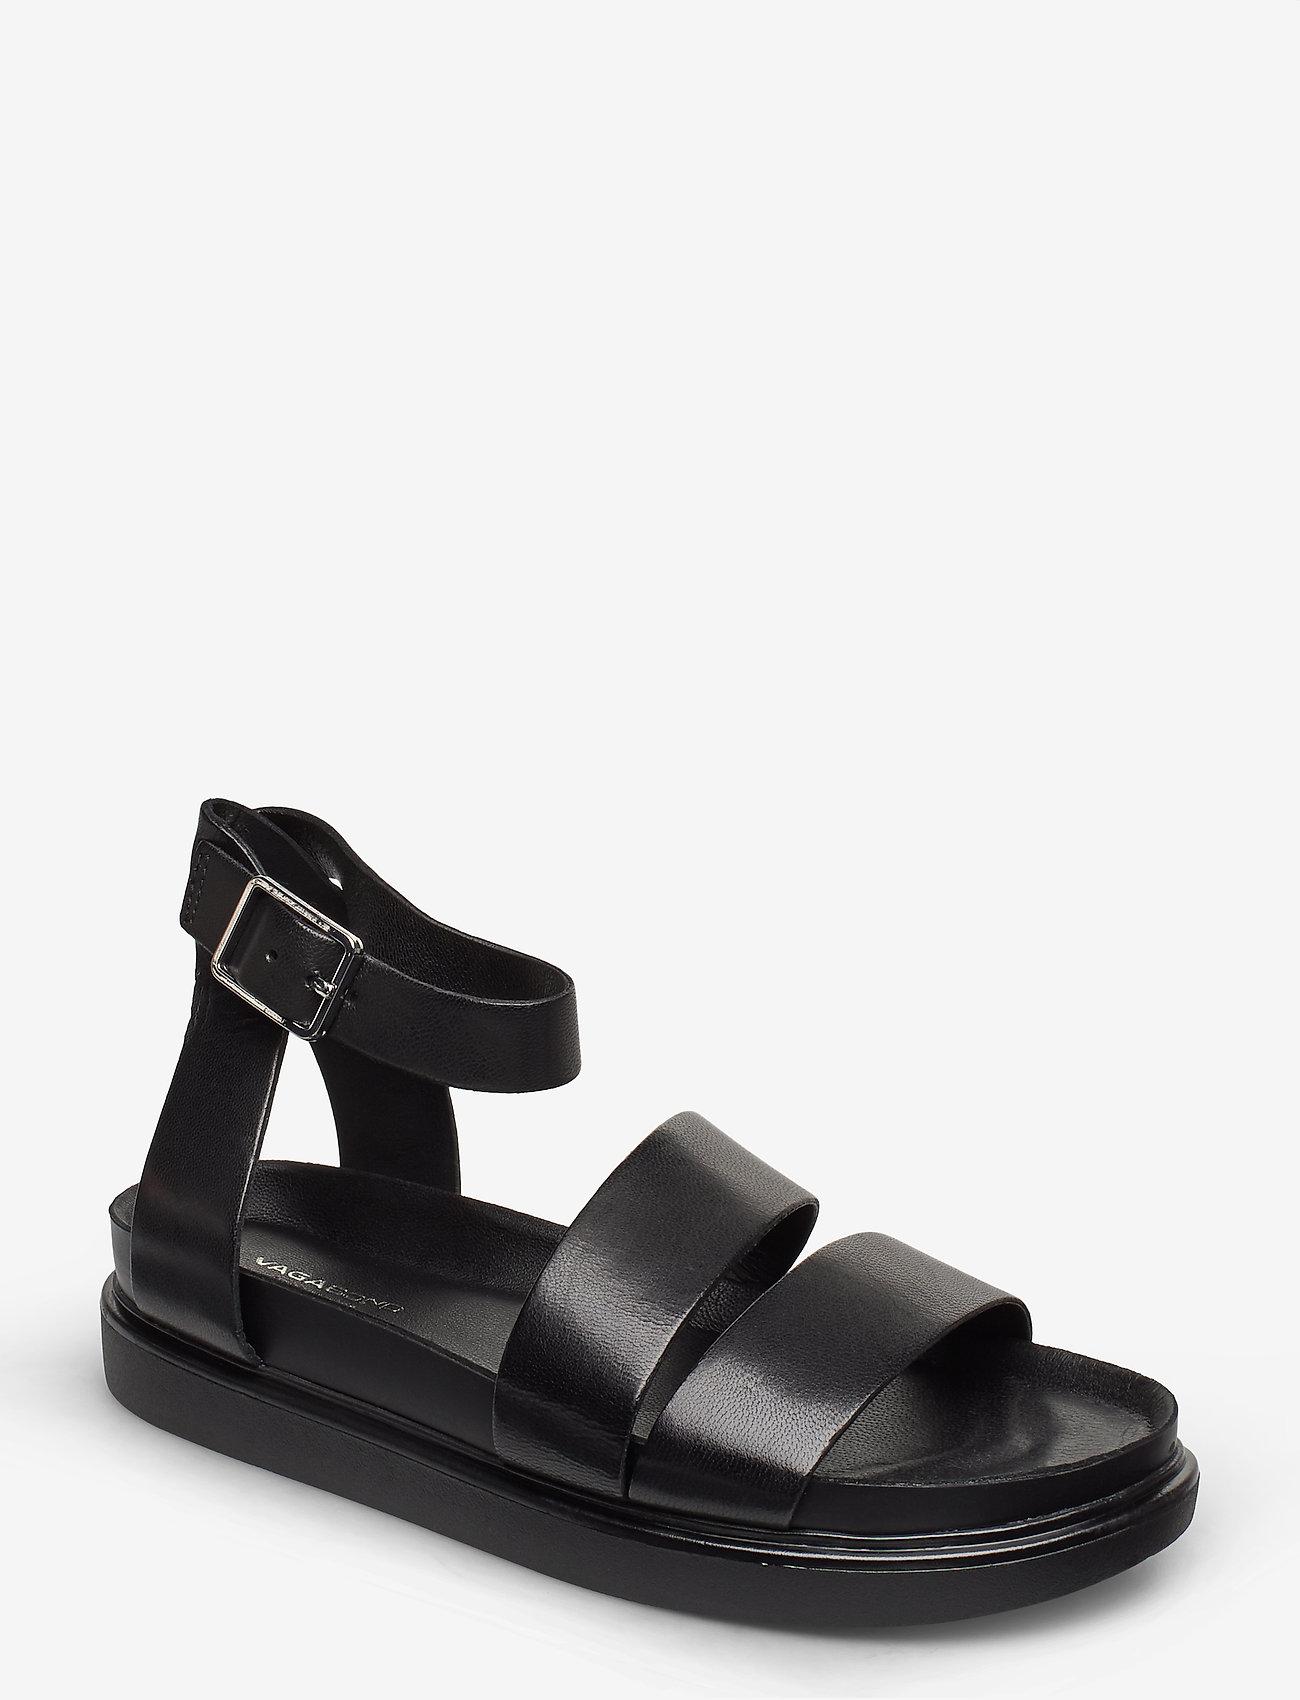 VAGABOND - ERIN - płaskie sandały - black - 0